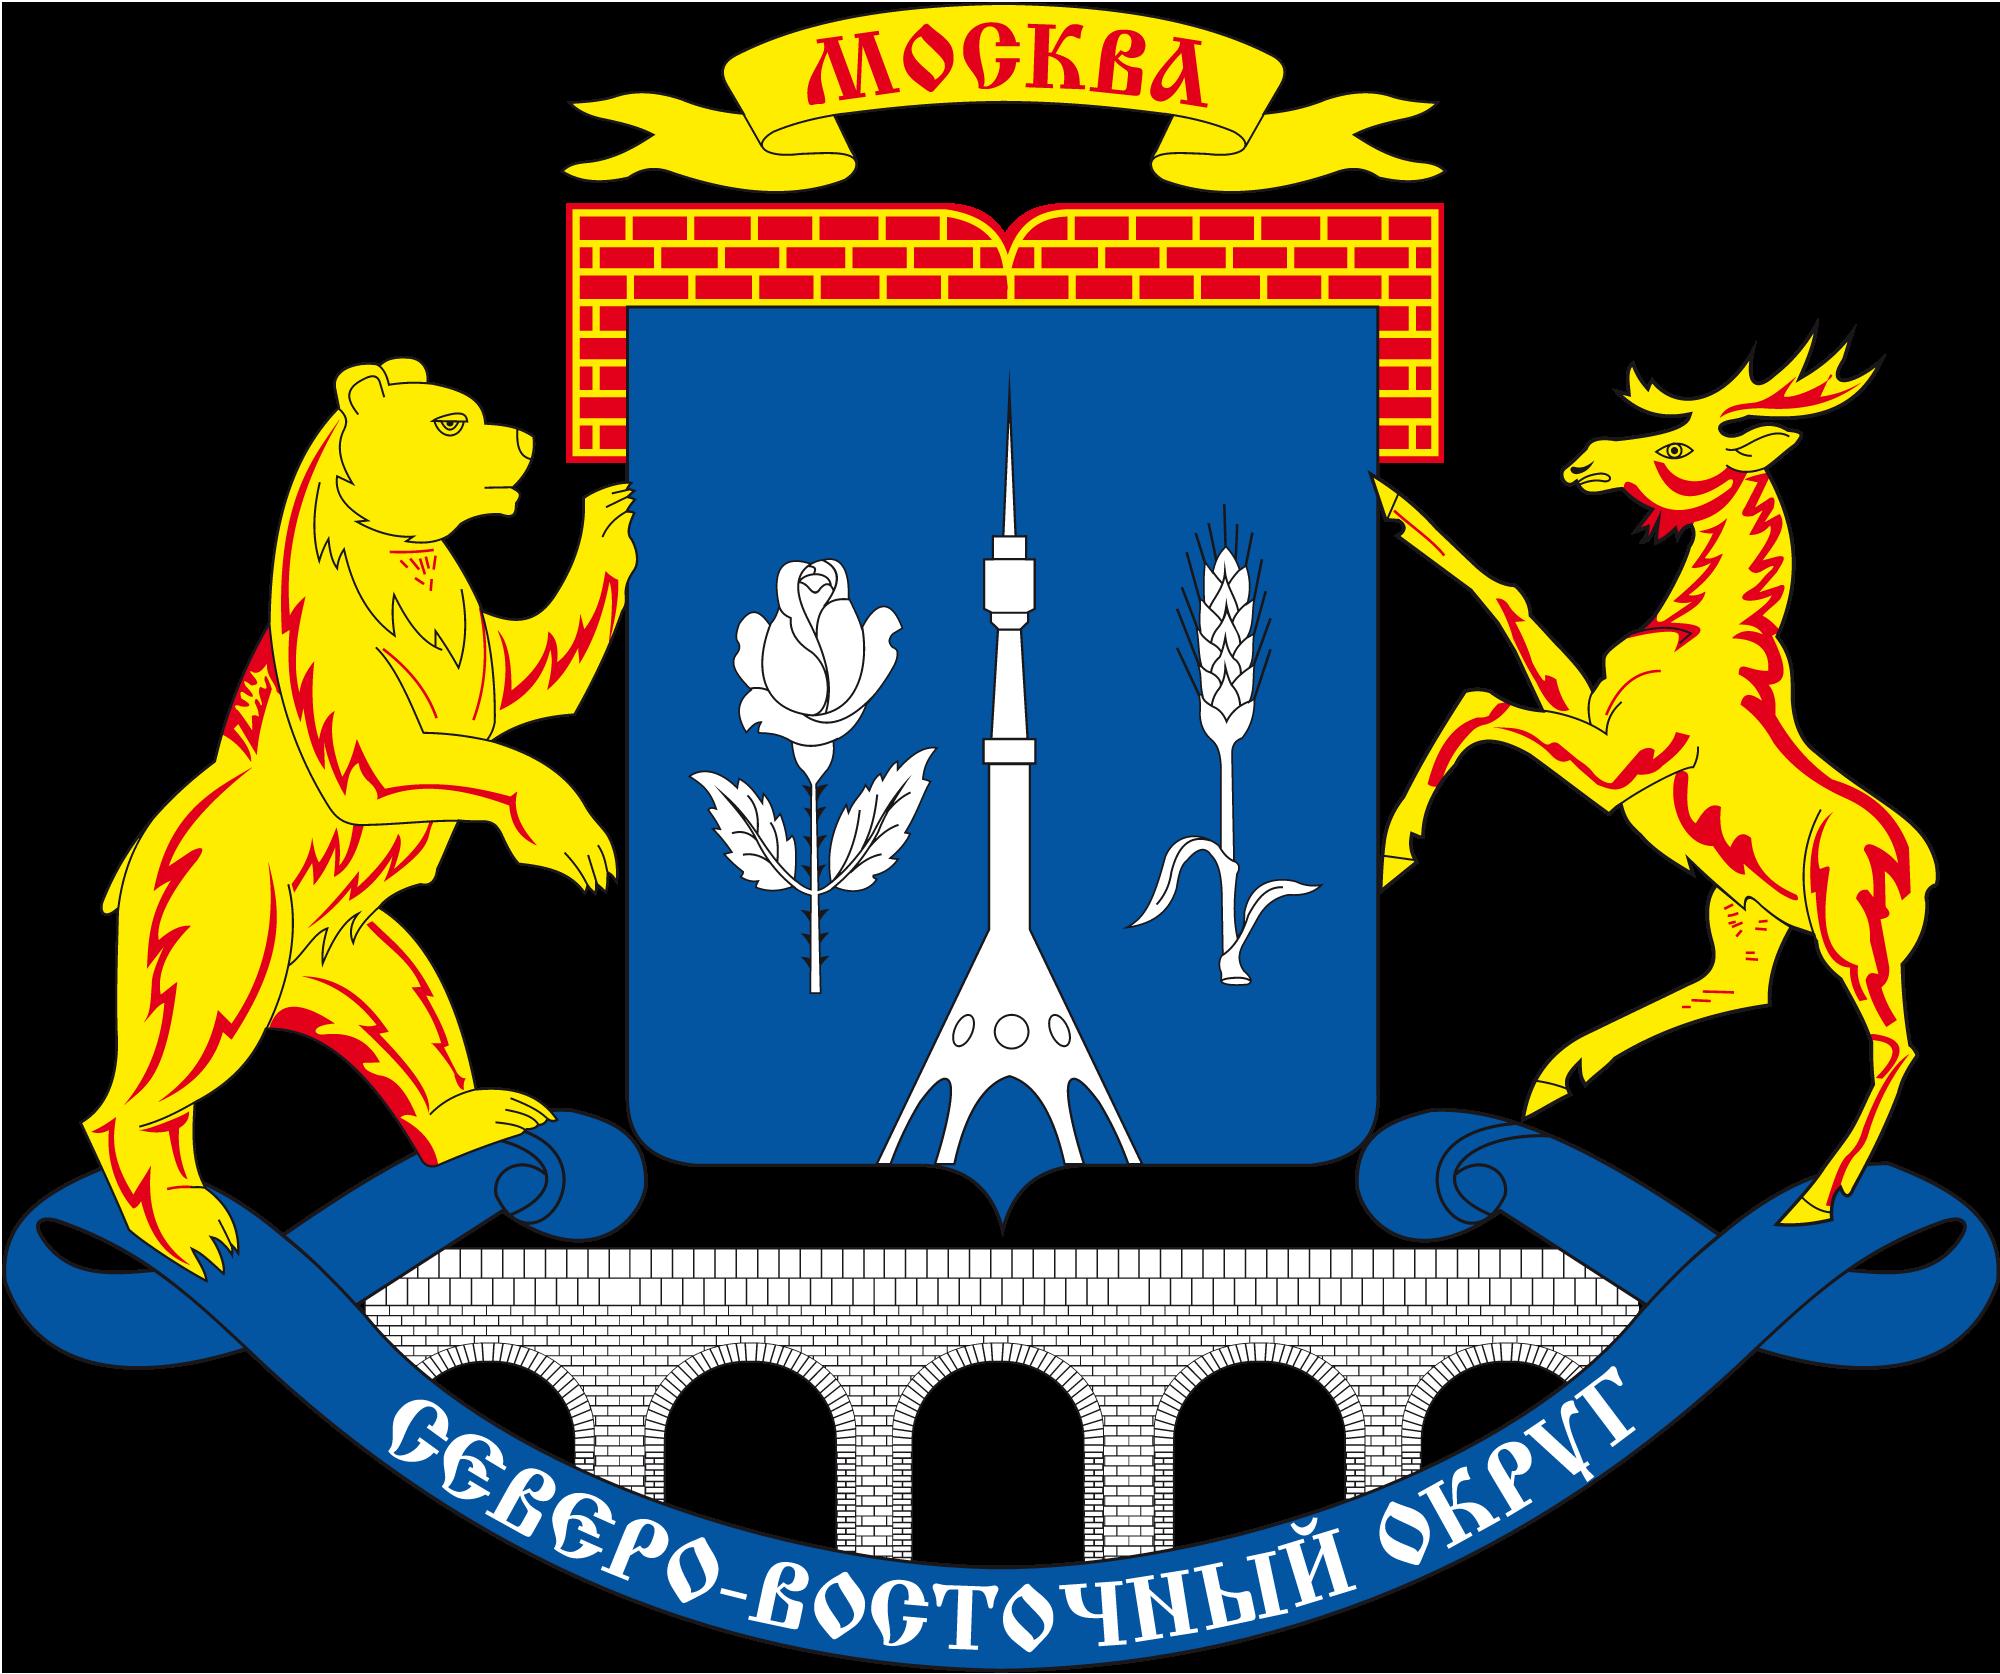 герб Северо-Восточного административного округа (СВАО)